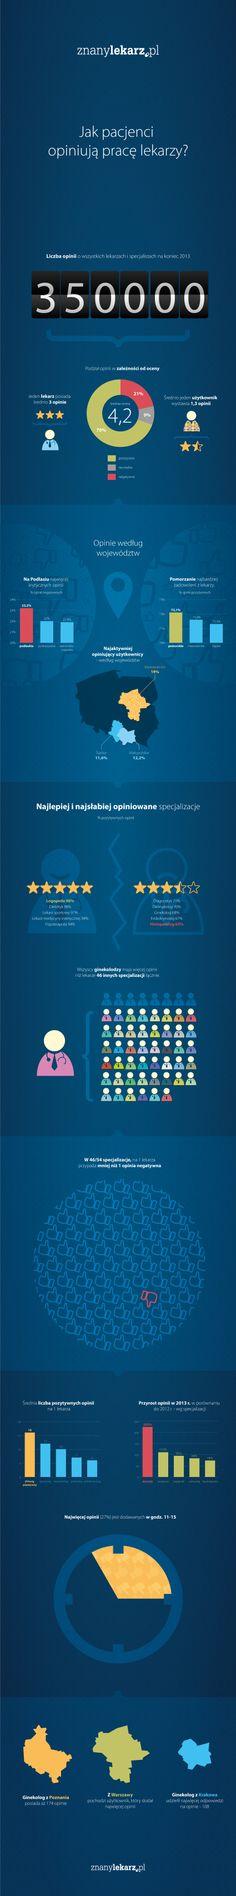 Jak pacjenci opiniują lekarzy, u których byli na wizycie? Ile opinii dodają i skąd pochodzą? Sprawdźcie!